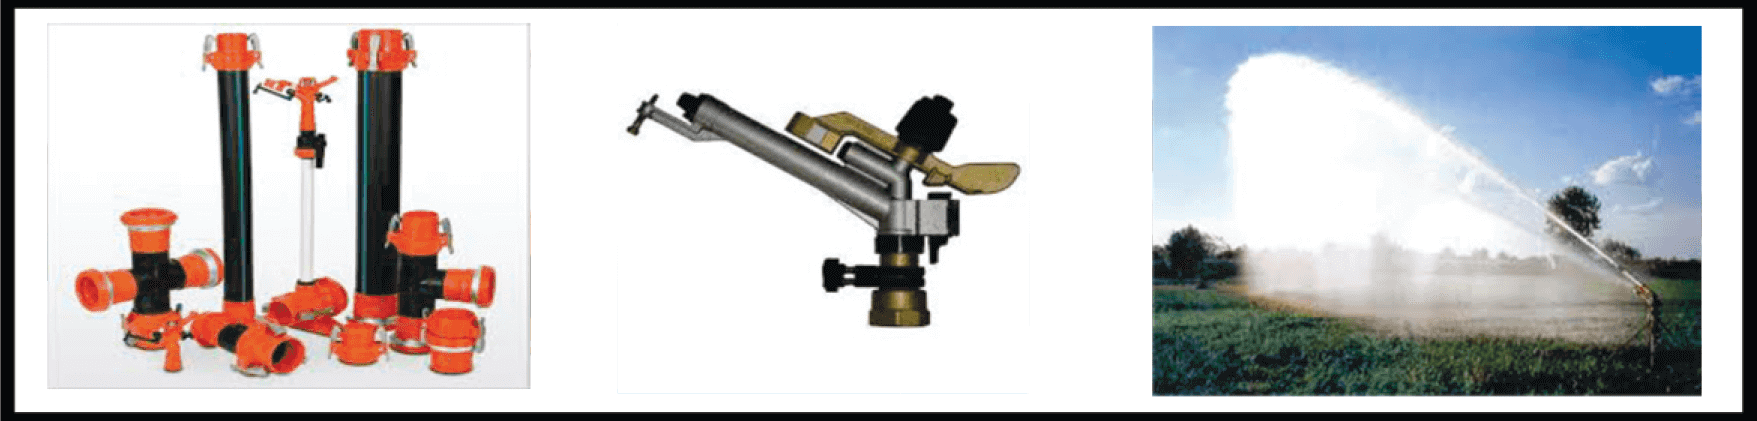 [object object] - tarlasuvarma 0000 Layer 1 - Tarla suvarma